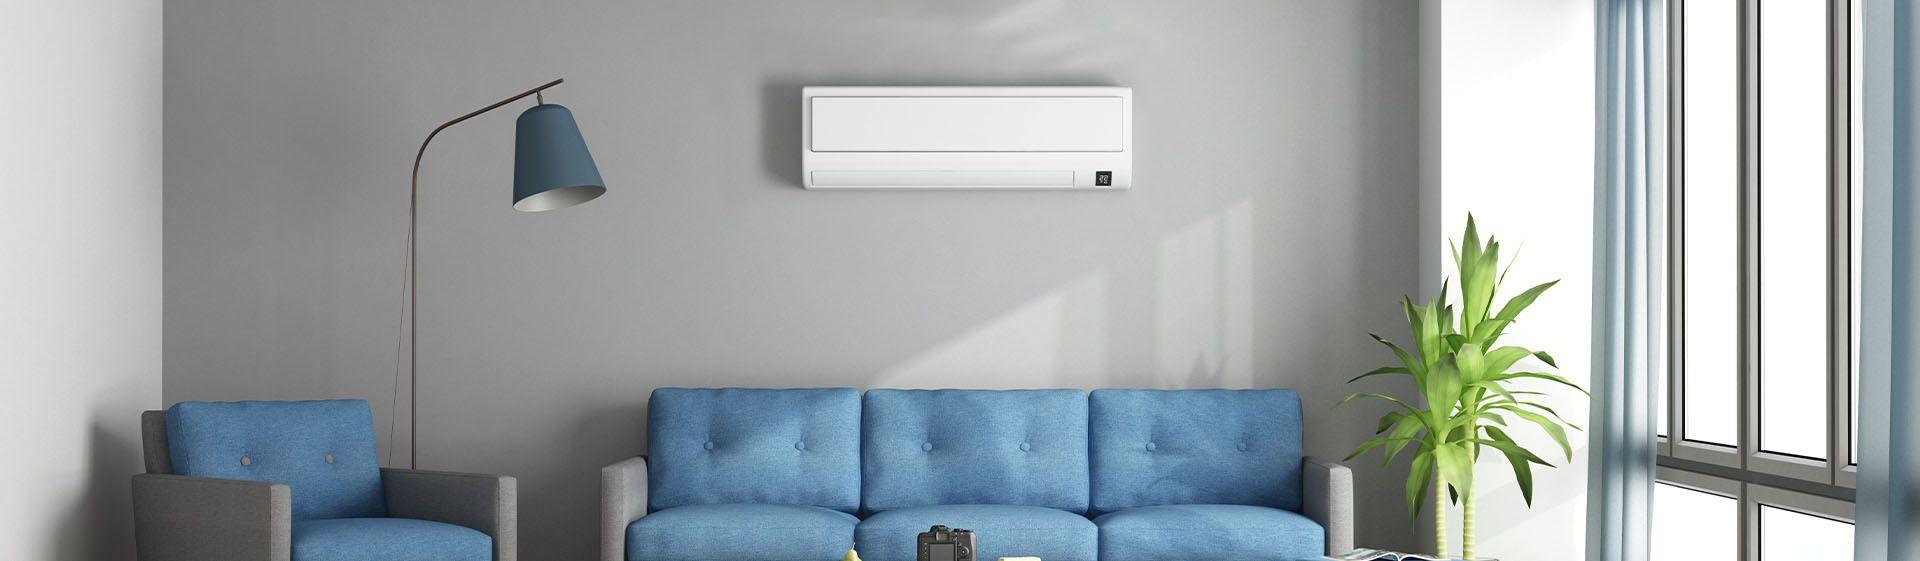 Como escolher um ar-condicionado?